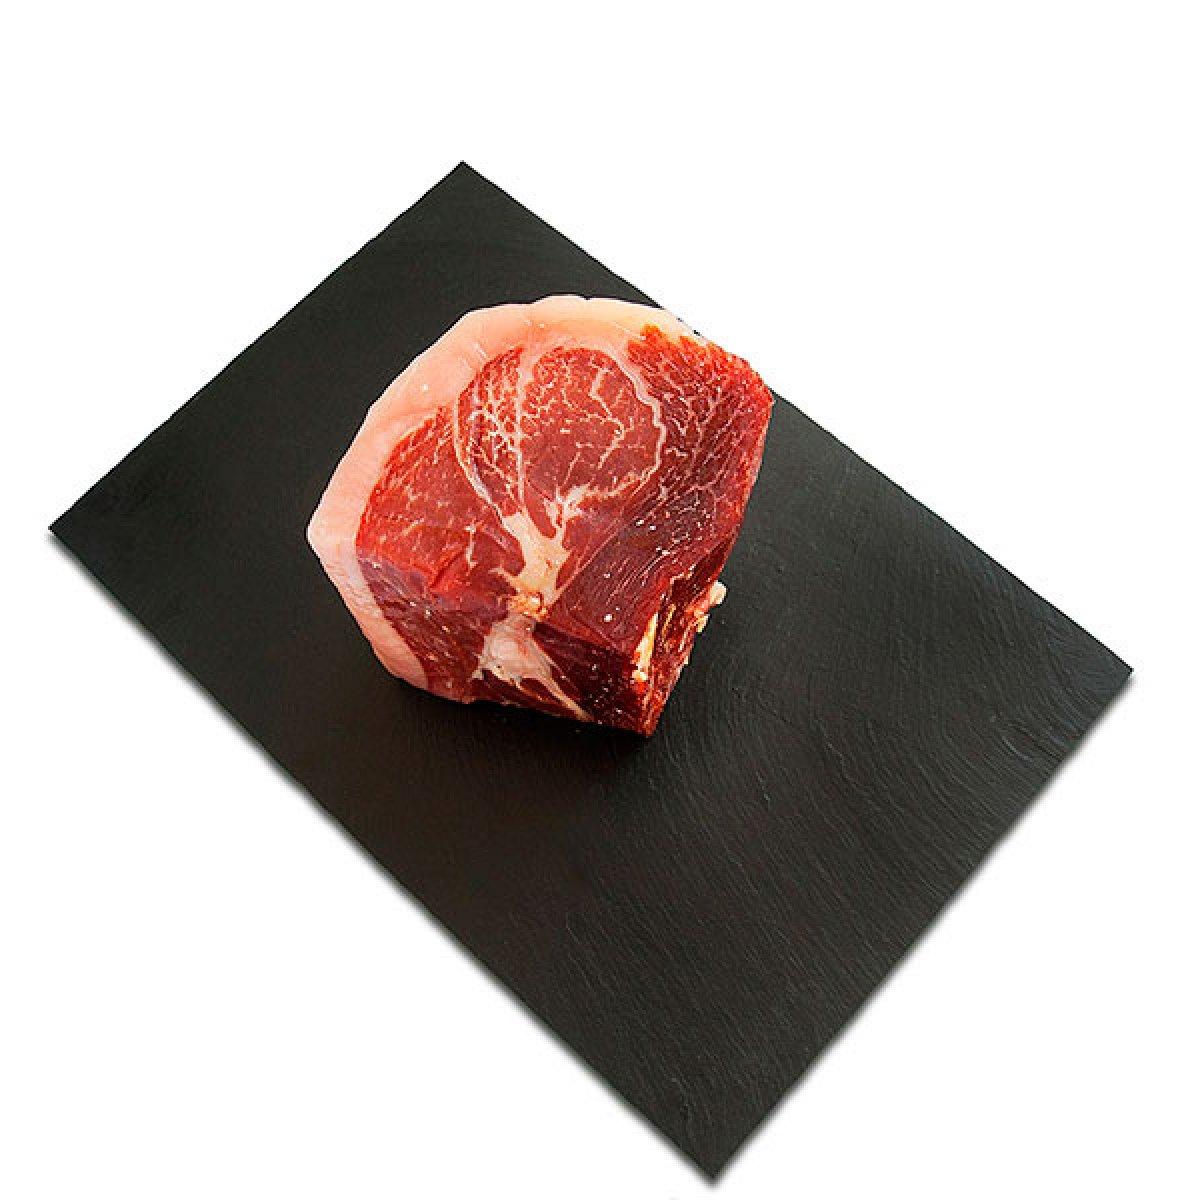 Taco Jamón de bellota ibérico 50% raza ibérica